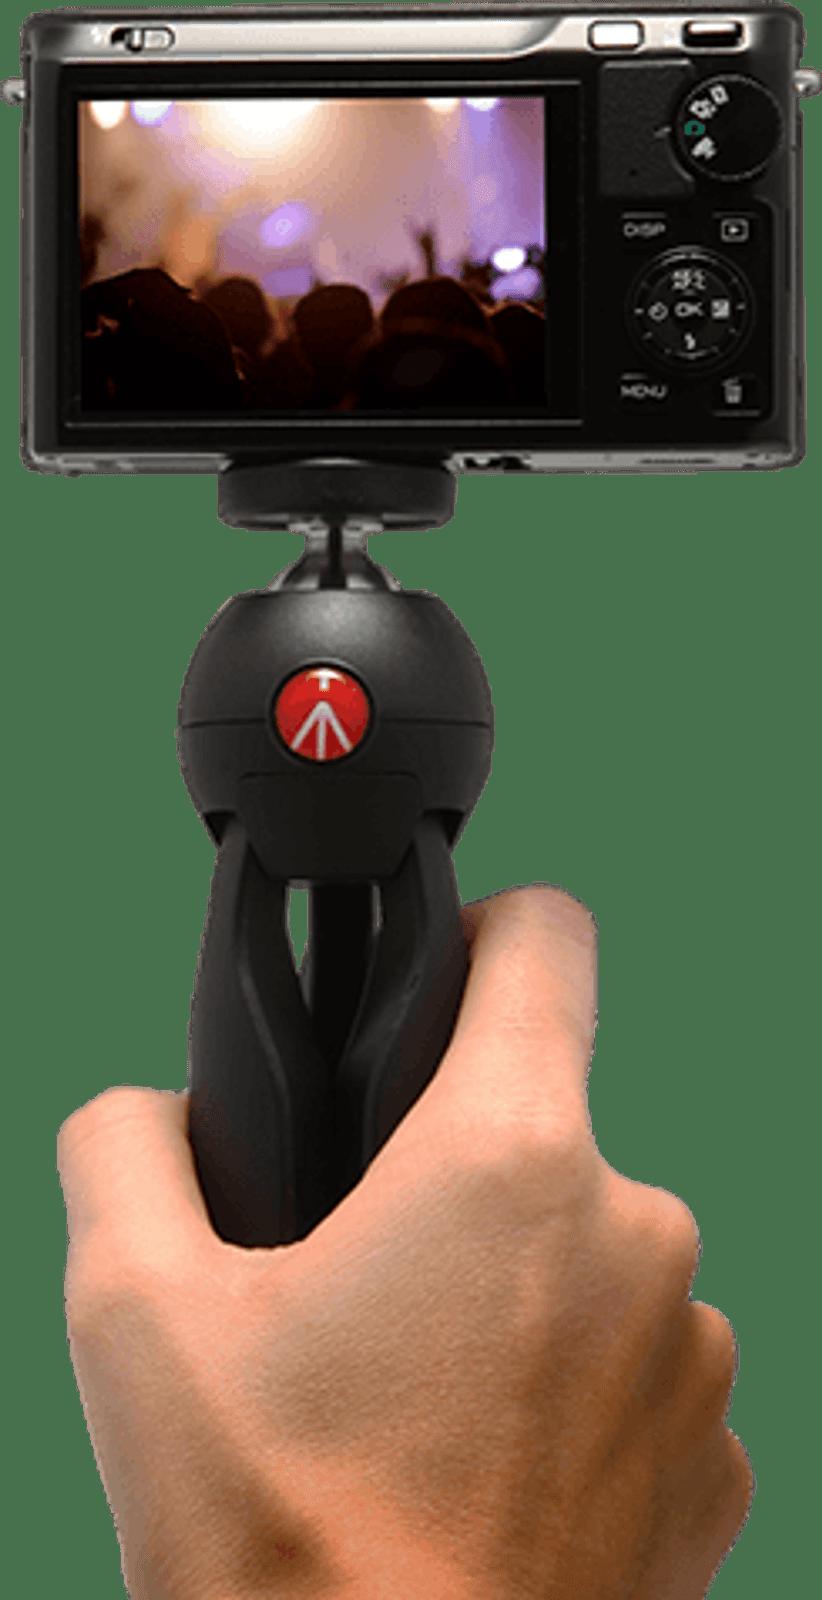 PIXI Tripod with Smartphone Attachment